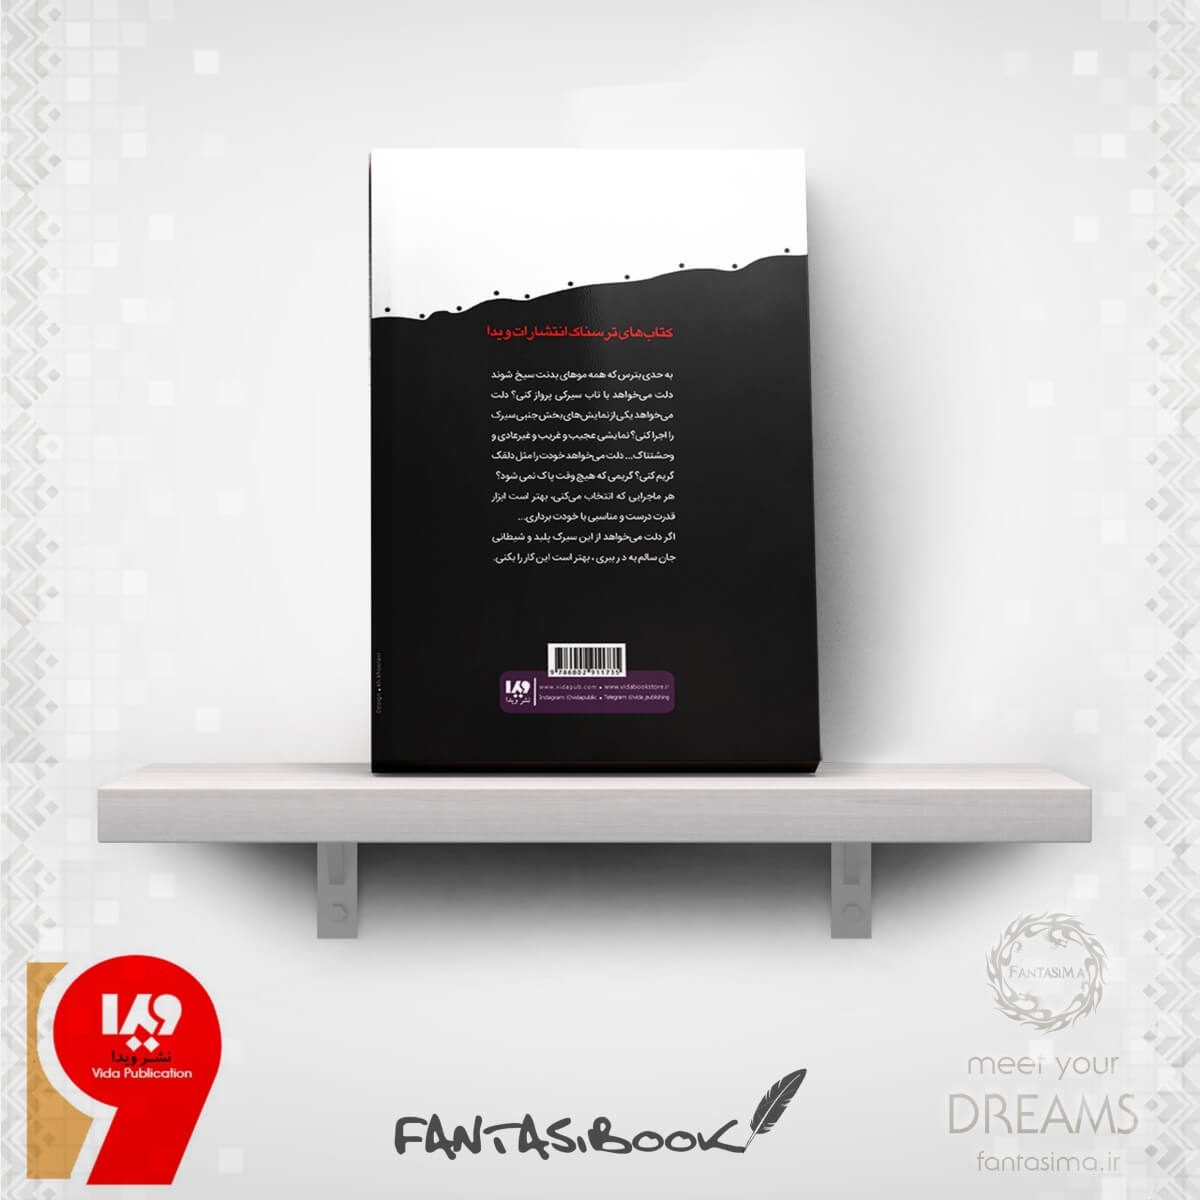 کتاب زمان وحشت - جلد 6 - تله سیرک وحشت